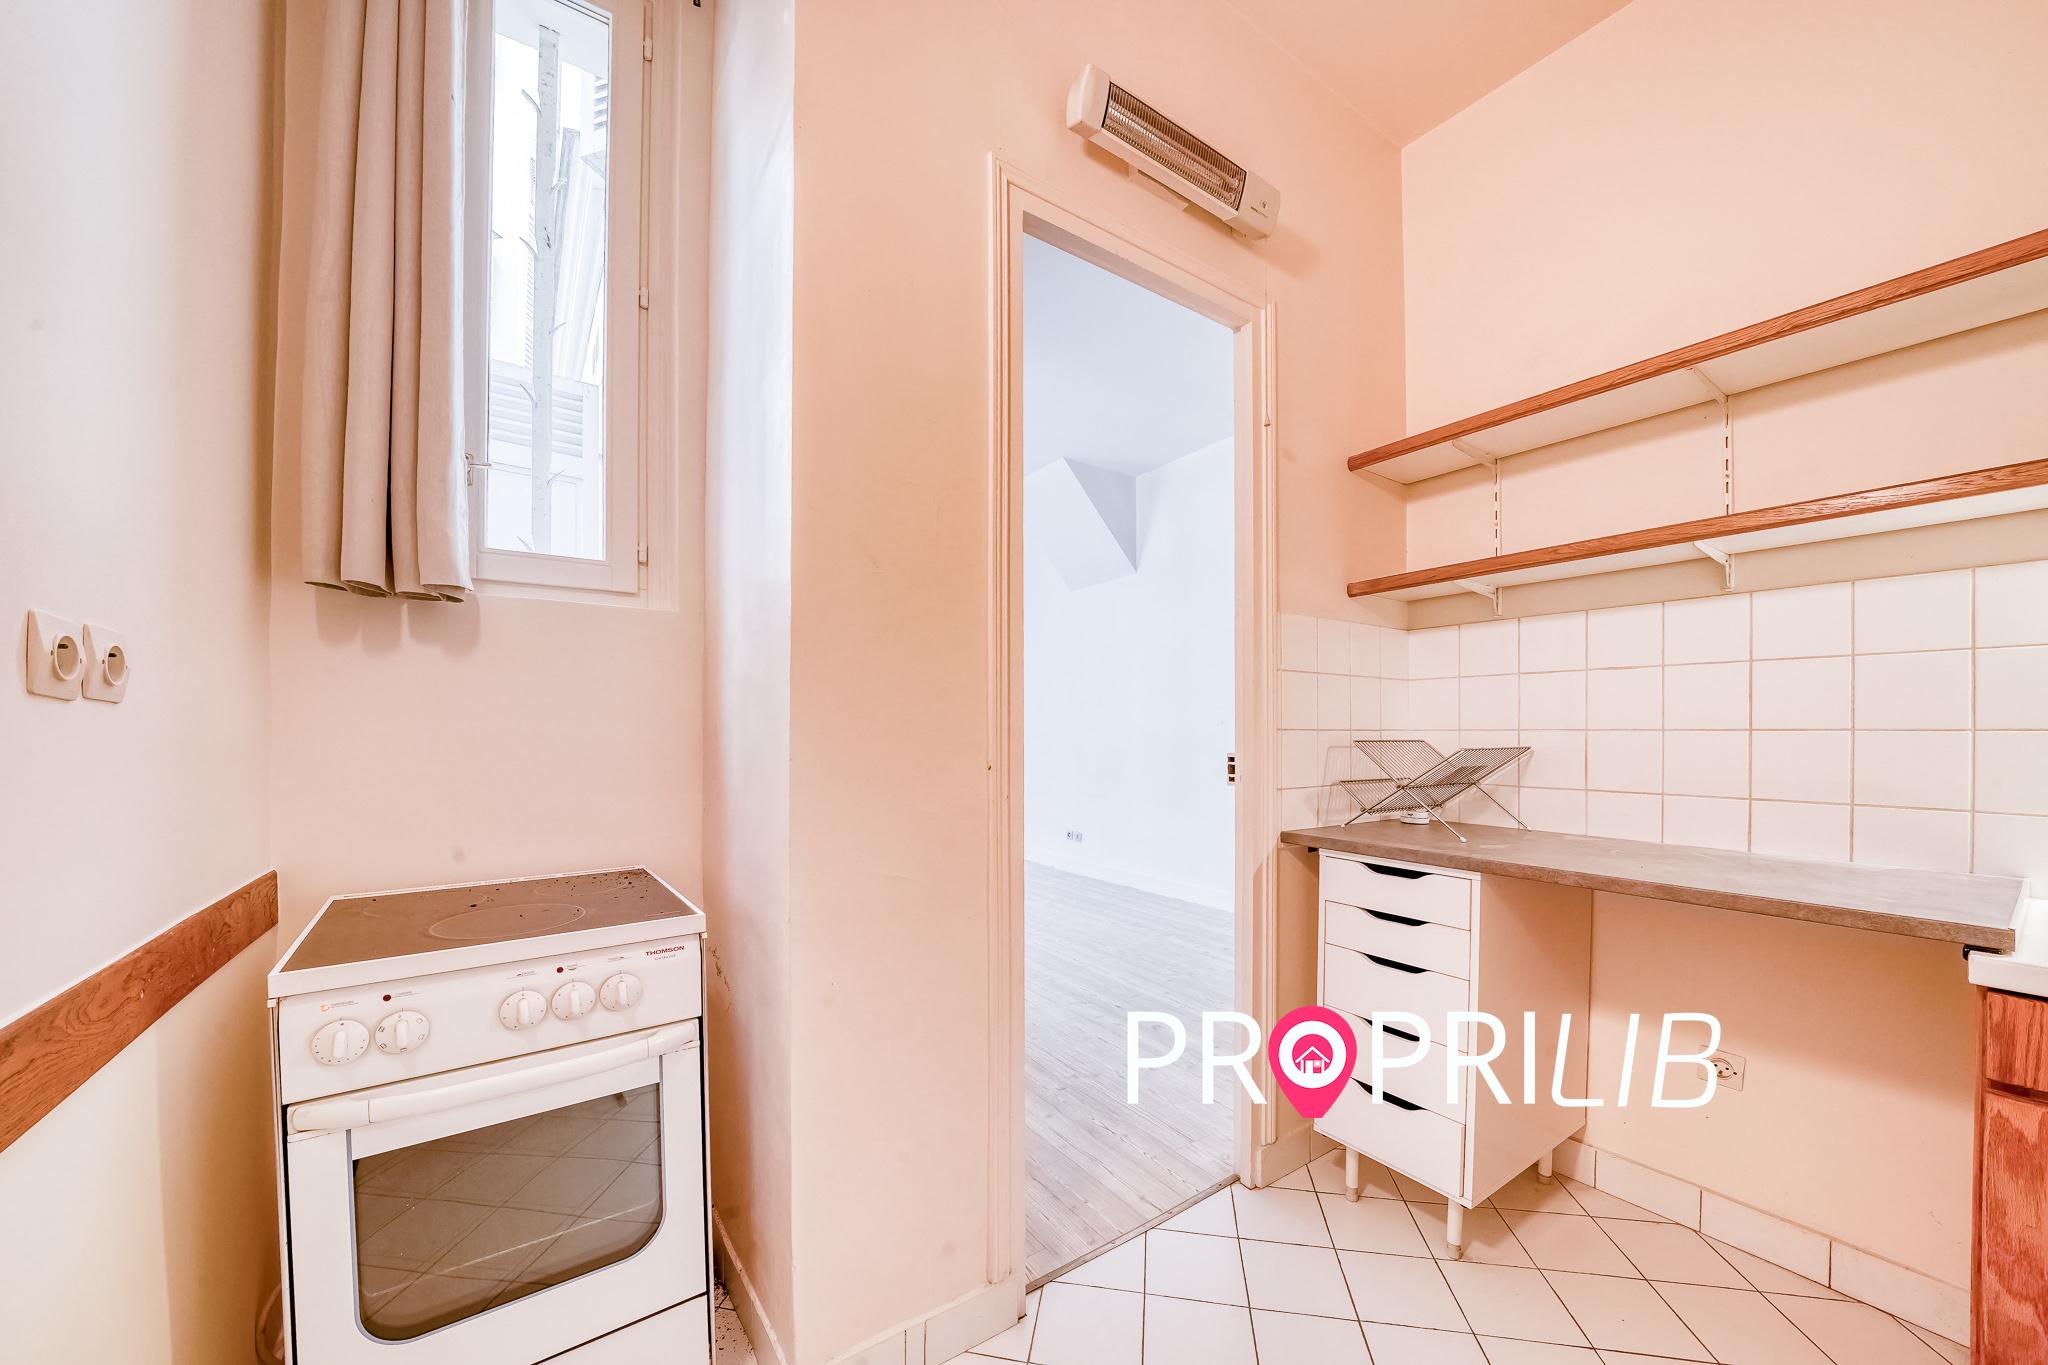 Vente immobilière à Paris 17ème